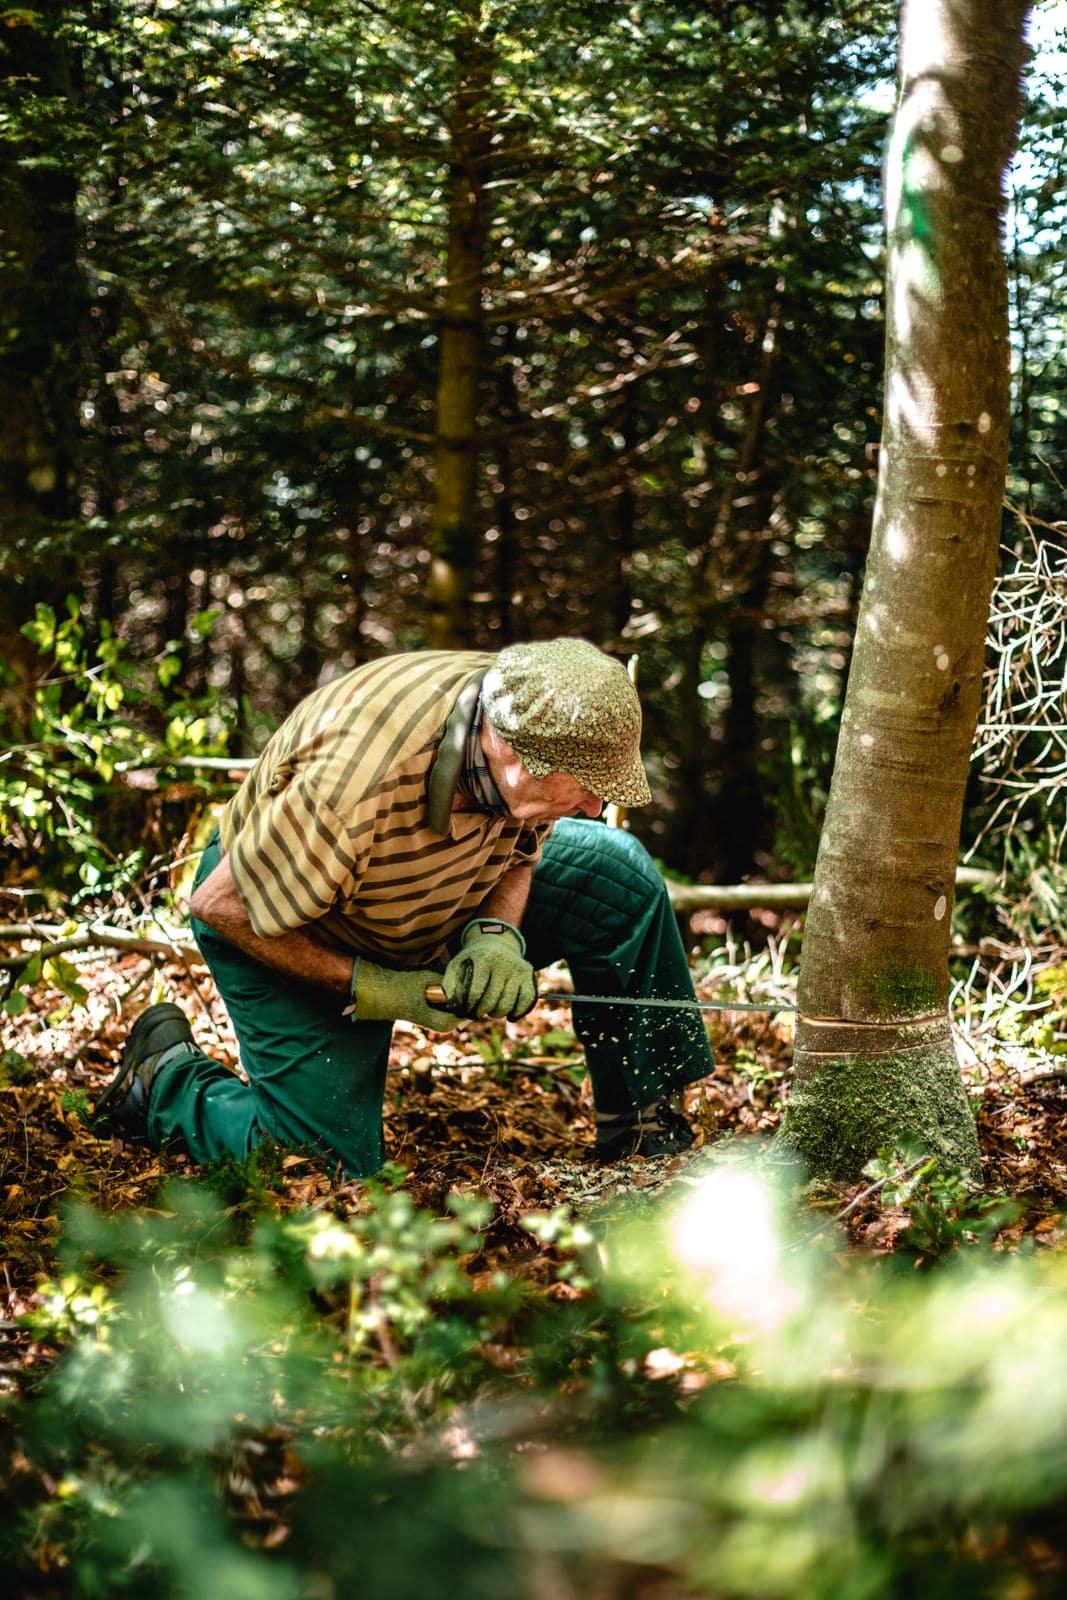 Ein alter Mann sägt einen Baum an